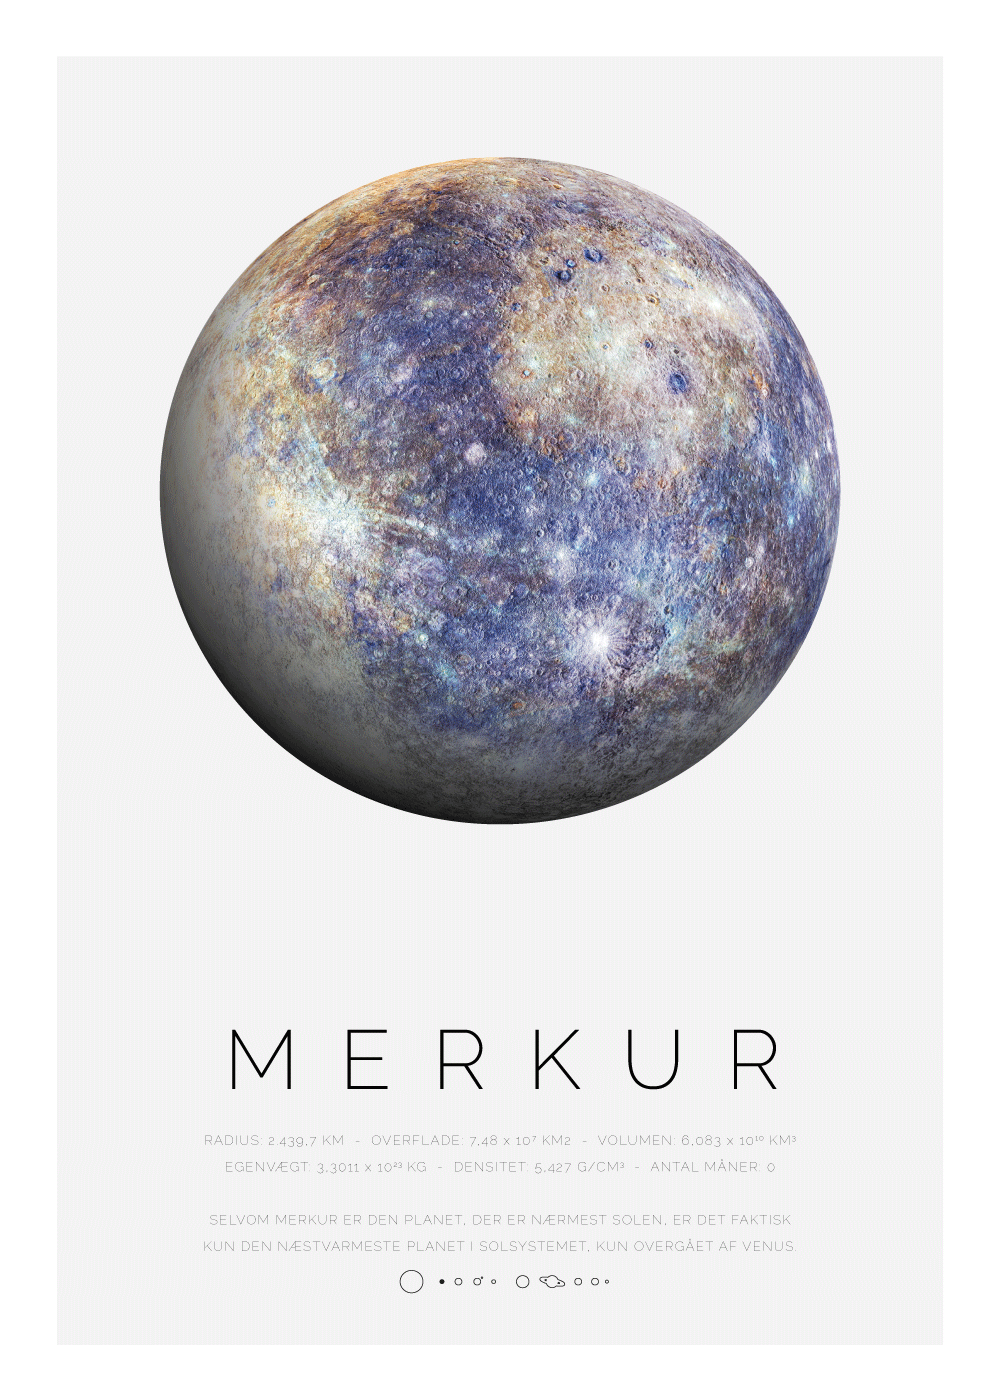 Billede af Merkur - Planet plakat